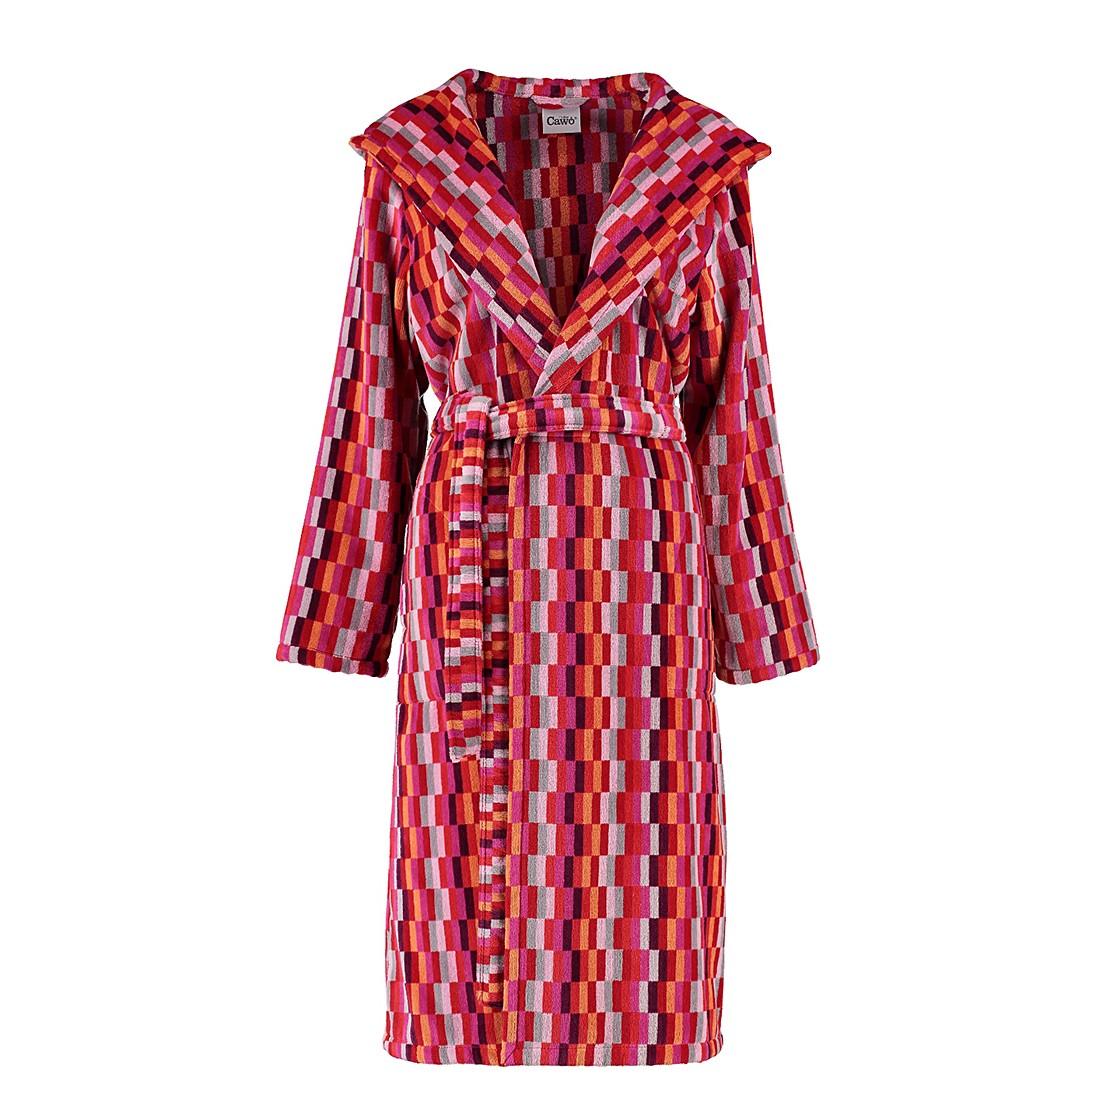 Bademäntel Damen Velours Life Style Flash 3404 – Baumwolle – Pink – L, Cawö kaufen